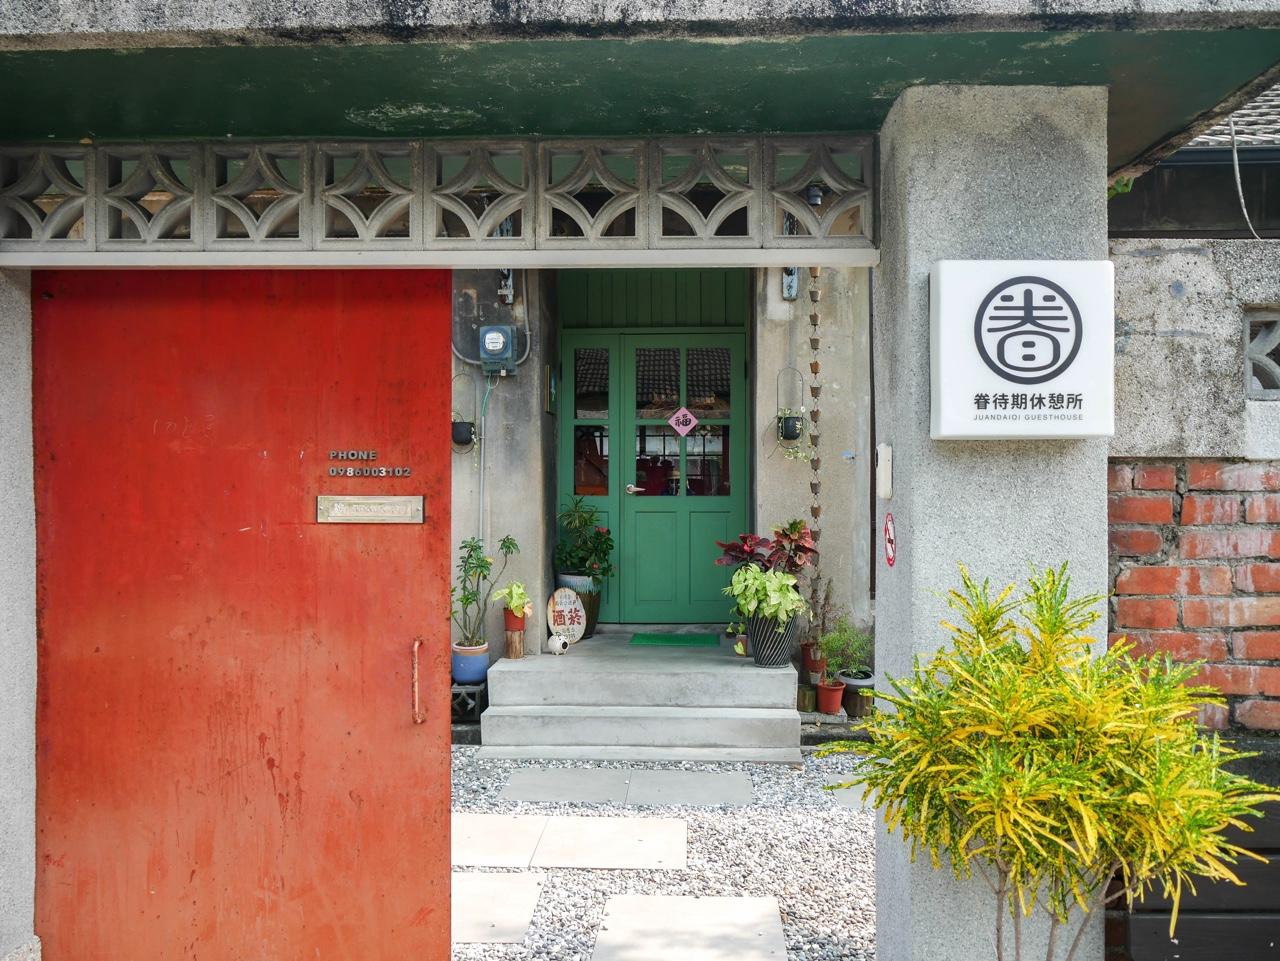 眷待期休憩所の入口